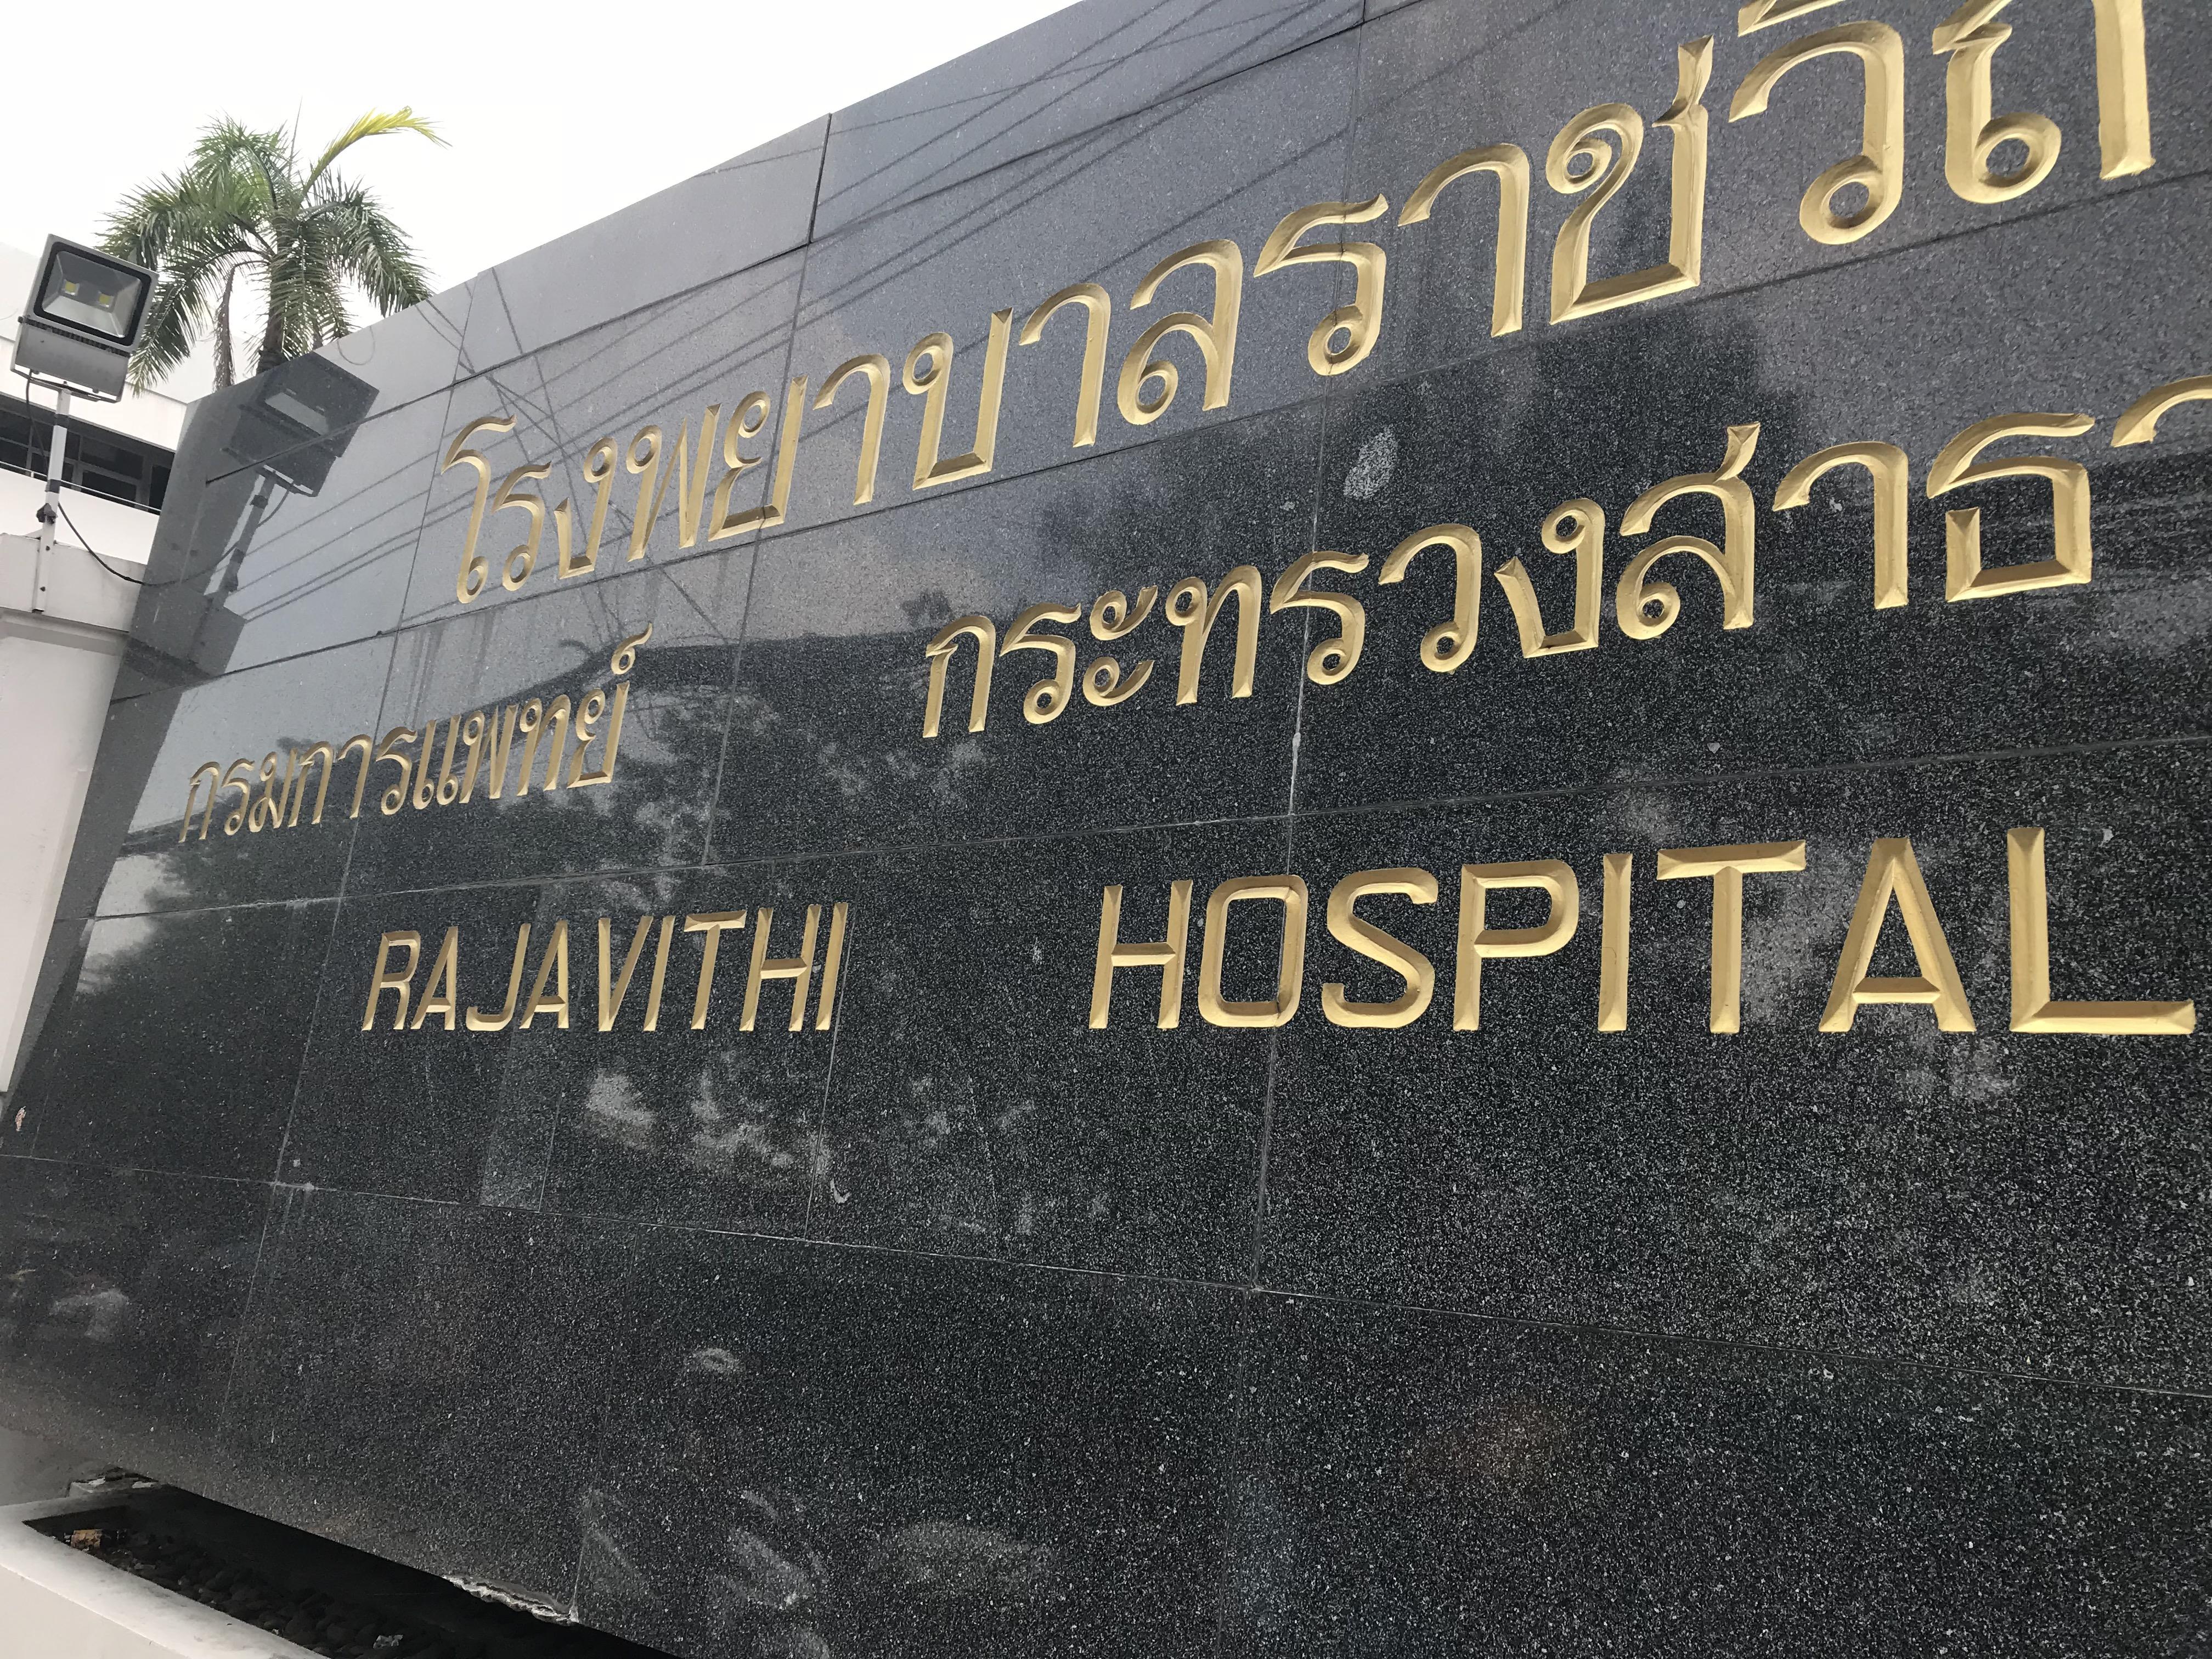 Rajavithi Hospital